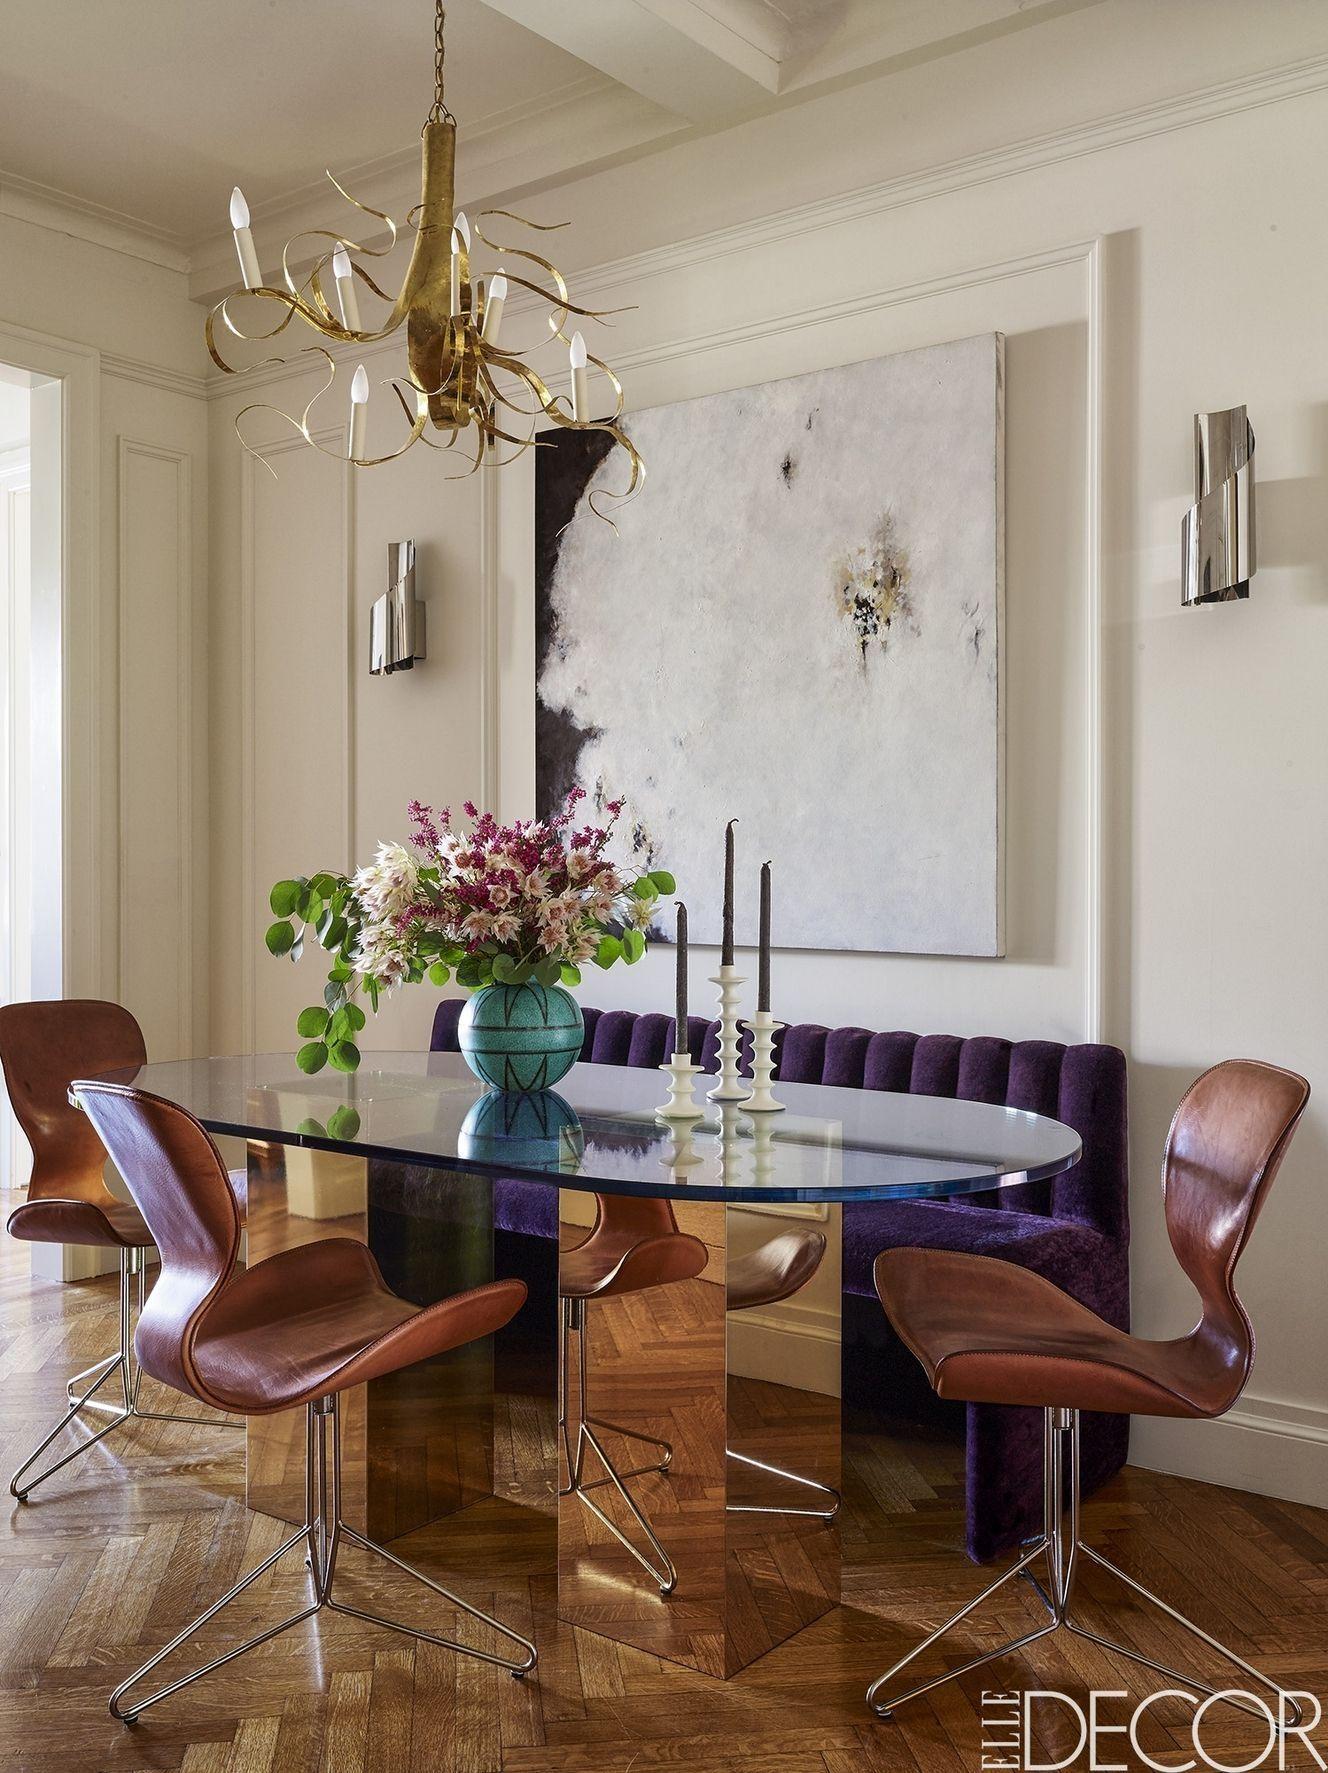 Yemek Odası ve diğer mekanlarda rahatlıkla kullanılabilecek sandalyeler